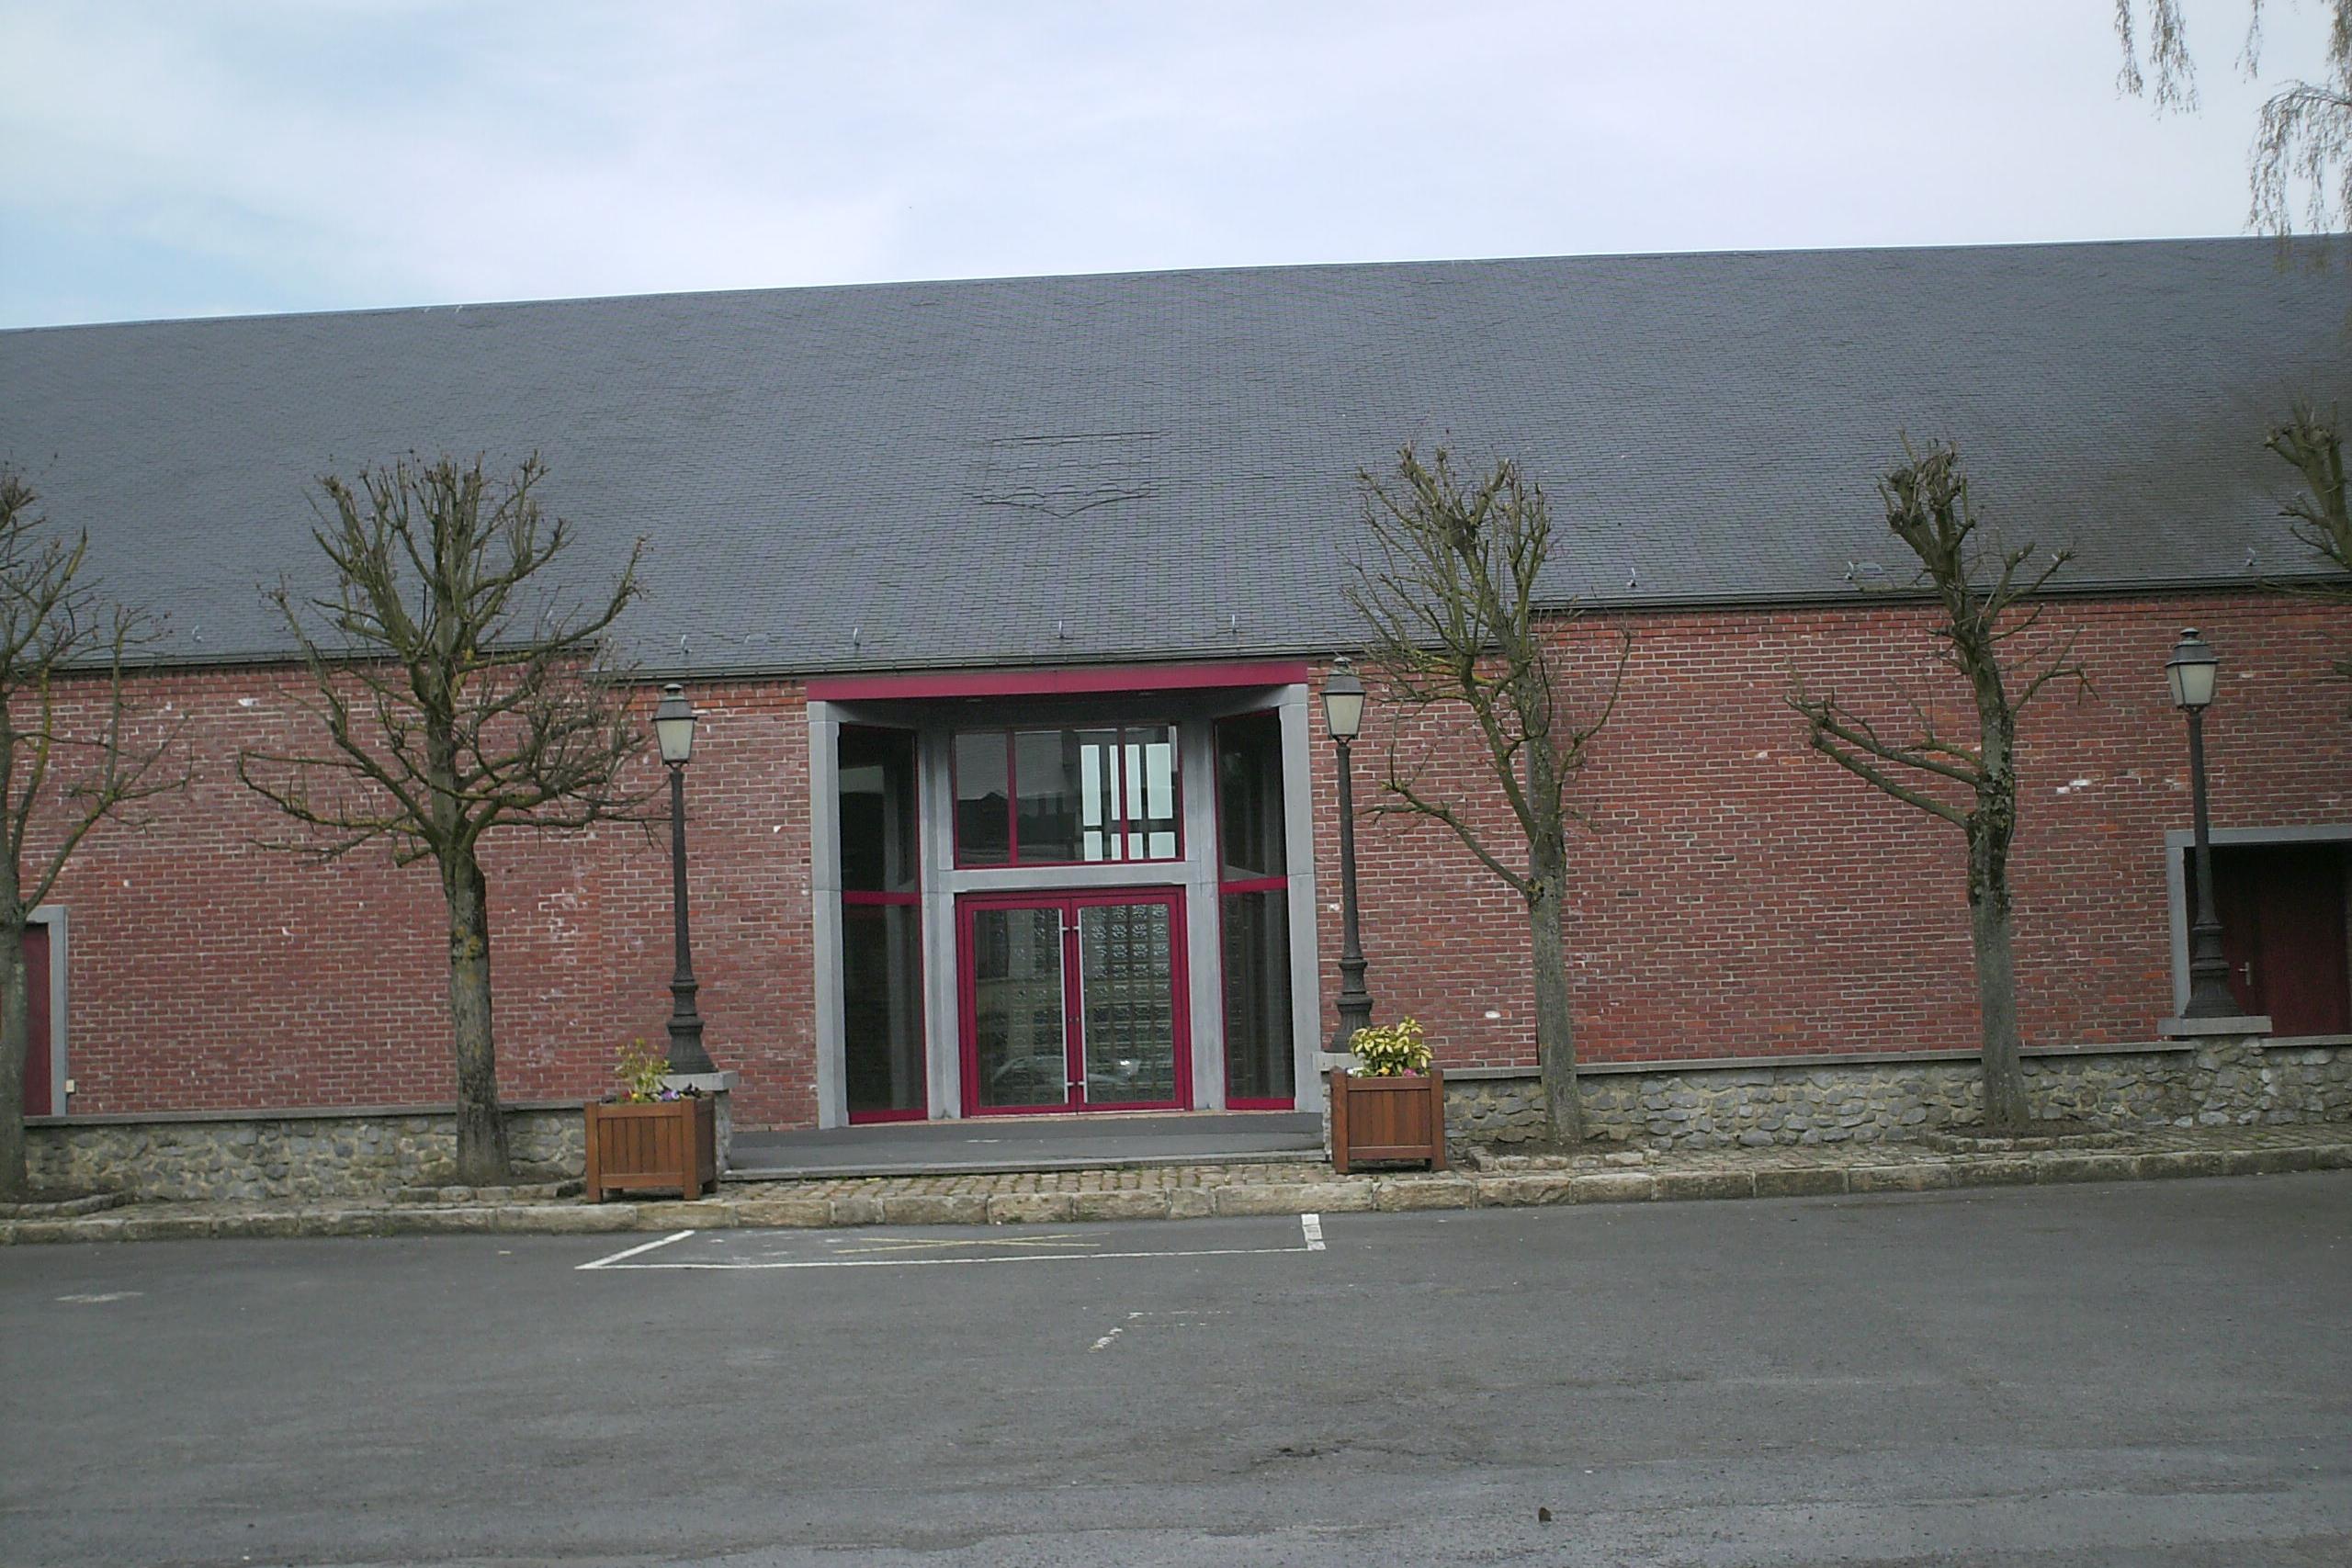 location salle des fetes nord